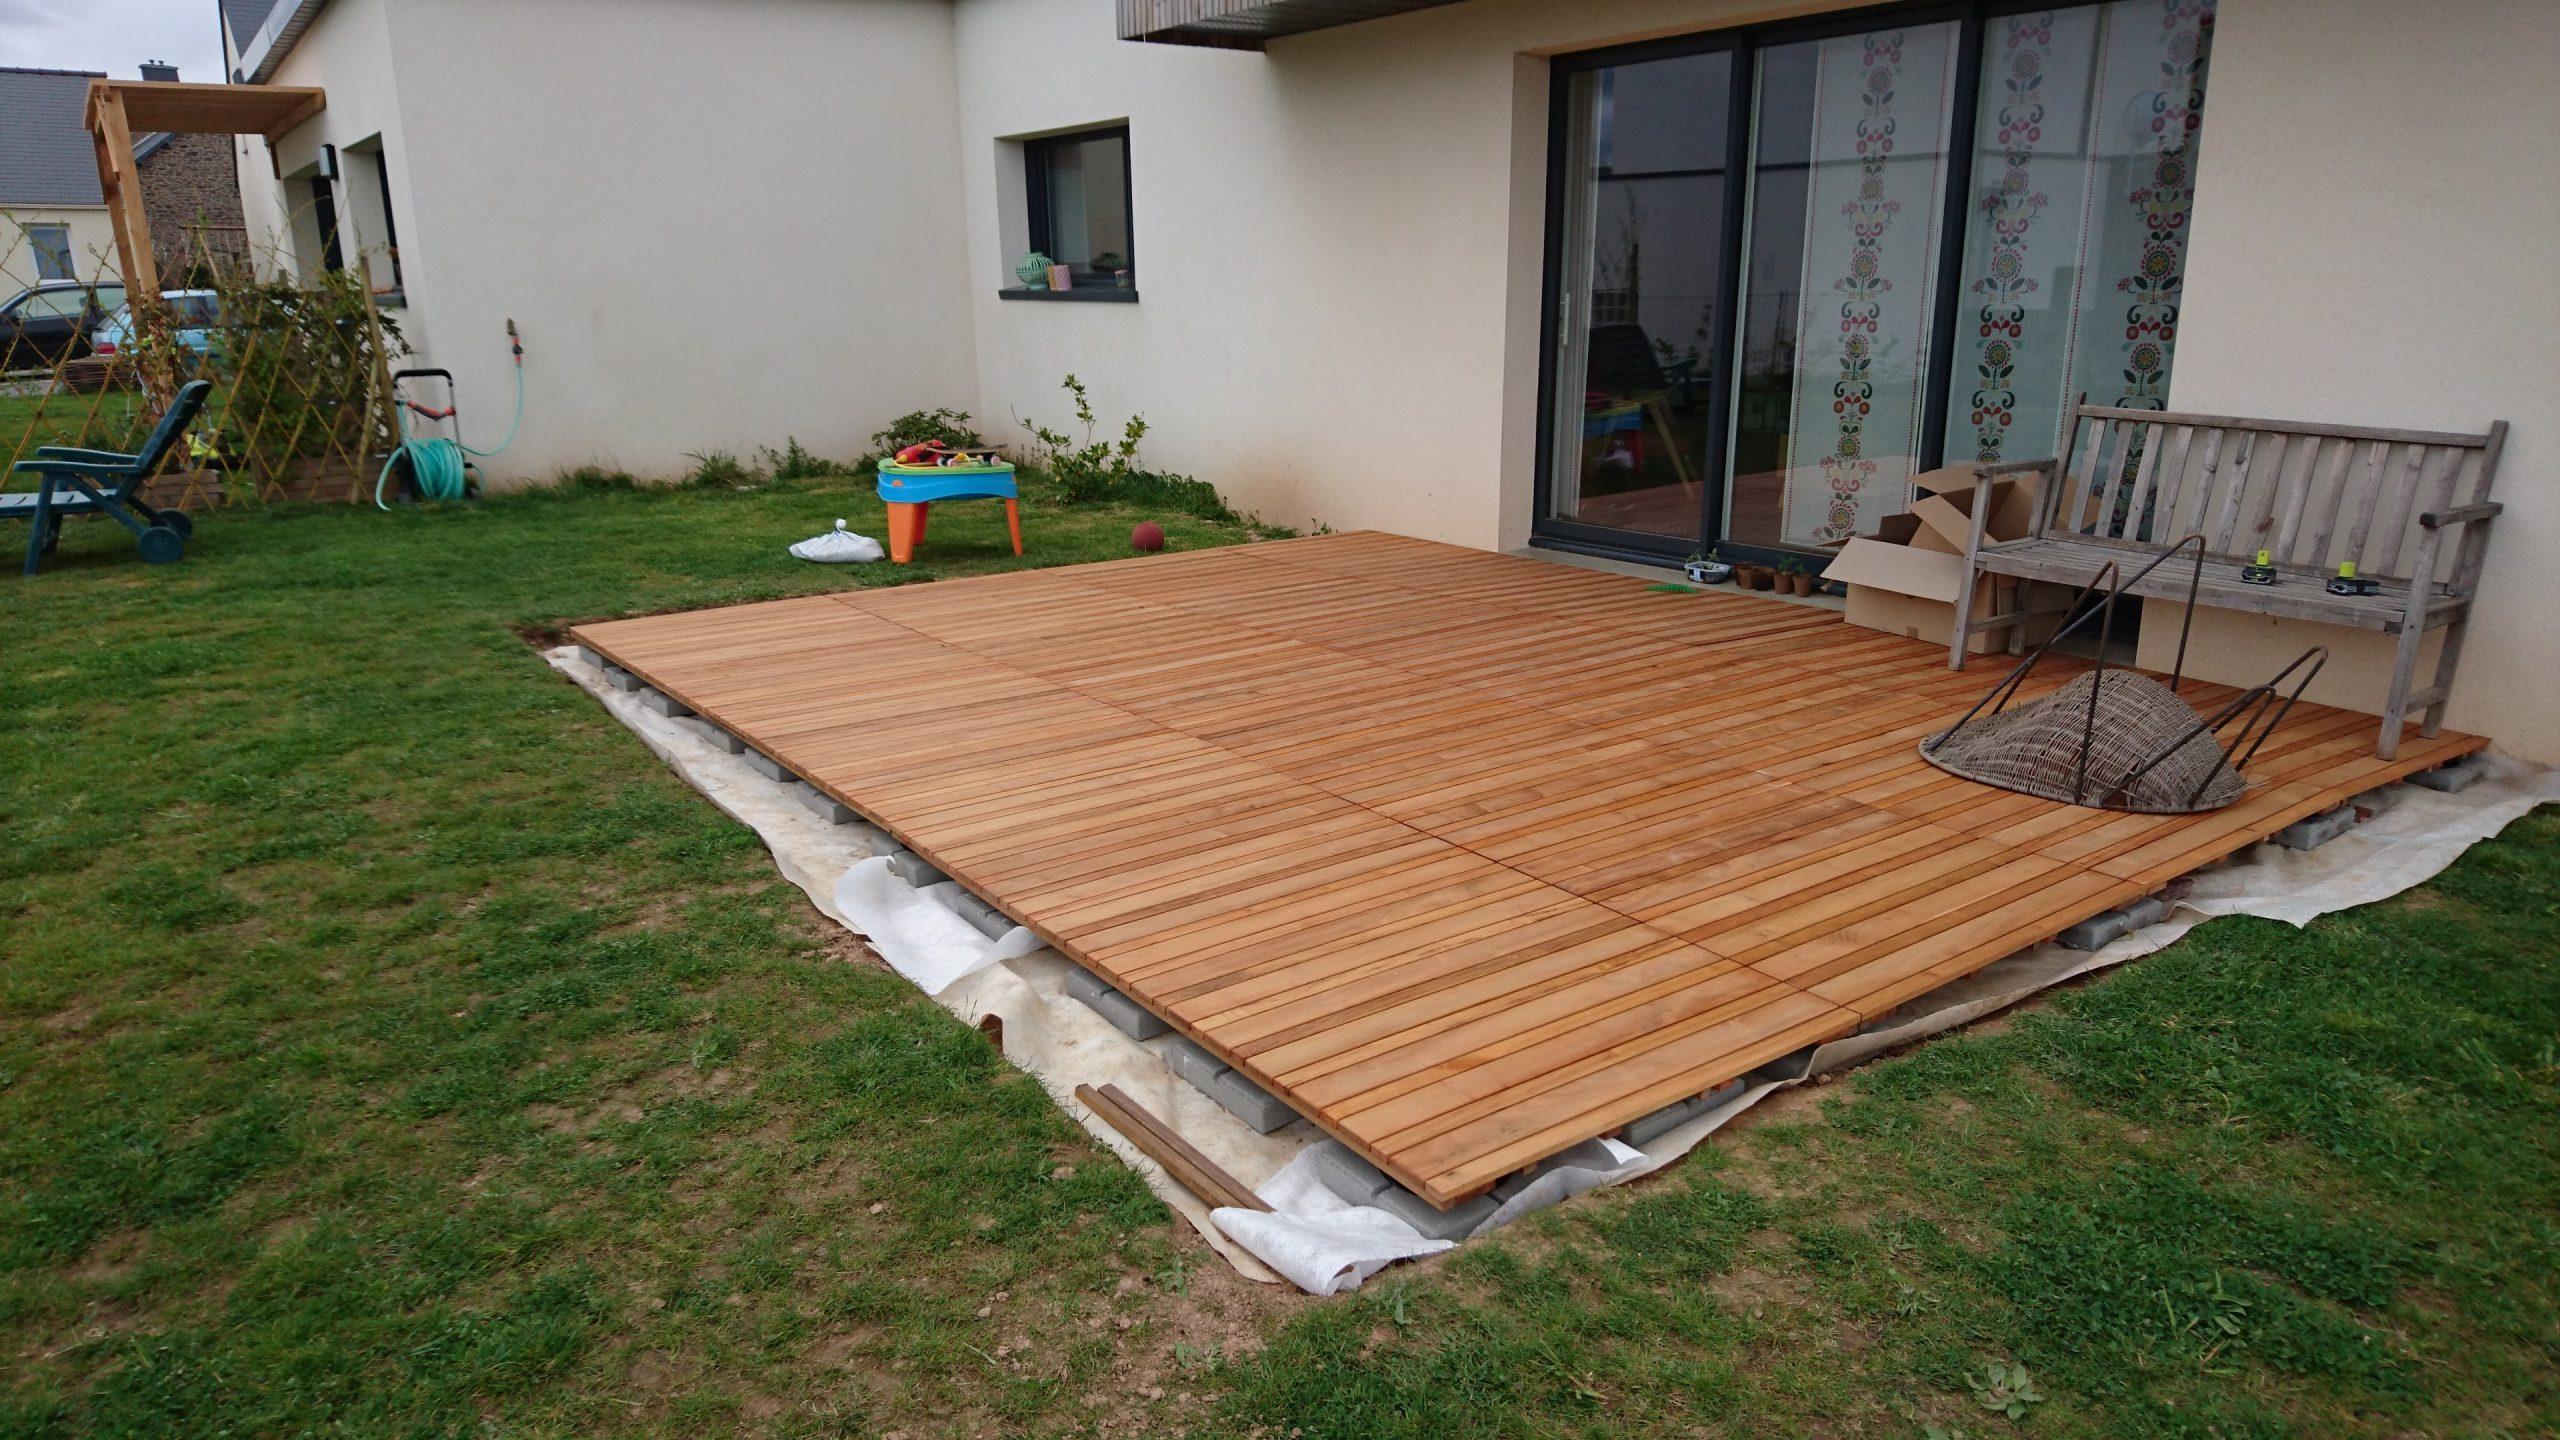 Construire Sa Terrasse Sur De La Terre Meuble - Construction ... dedans Caillebotis Pas Cher